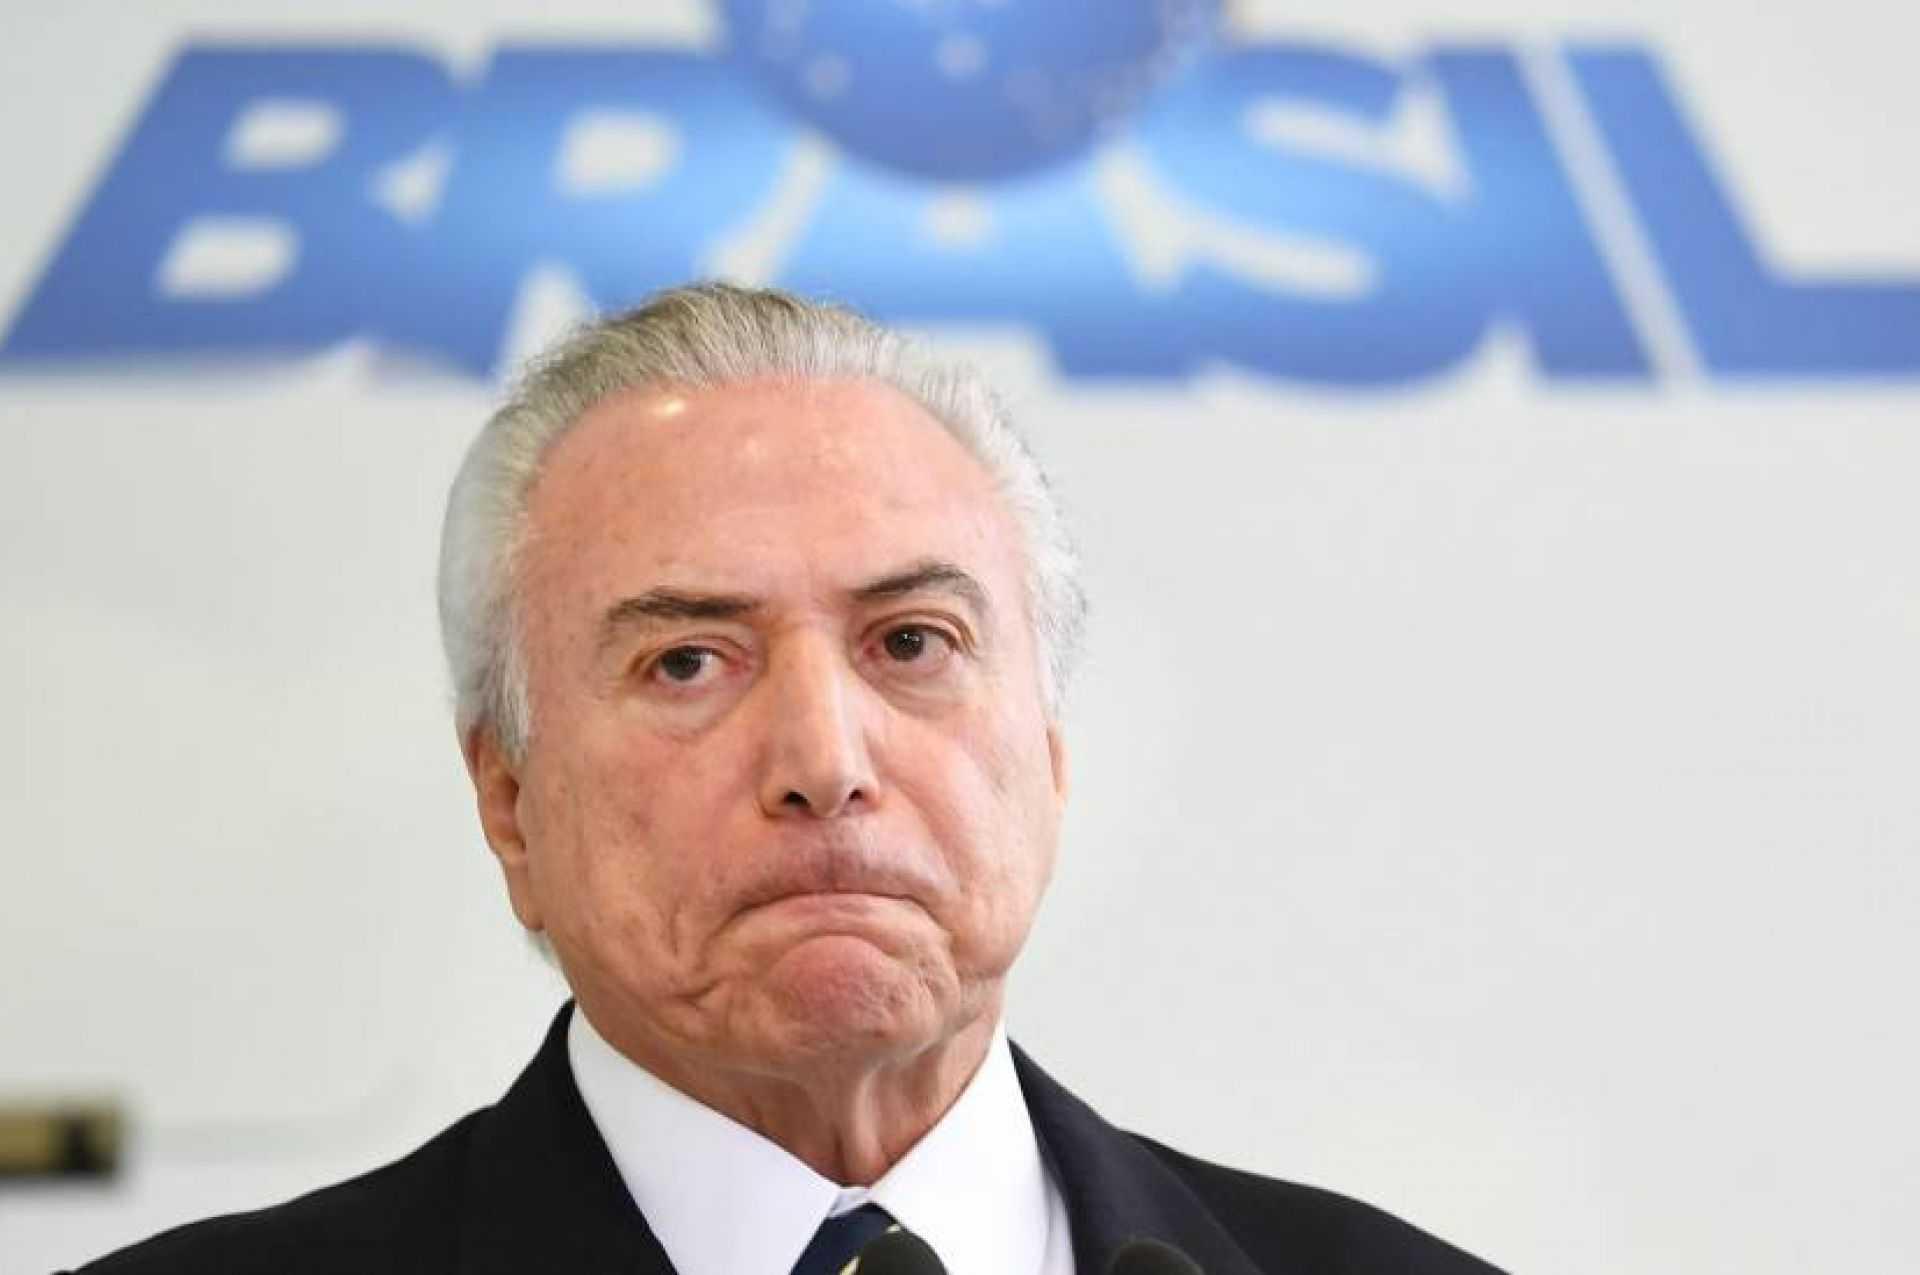 Justiça Federal suspende decreto do Presidente Michel Temer que extingue reserva na Amazônia - Imagem: Divulgação